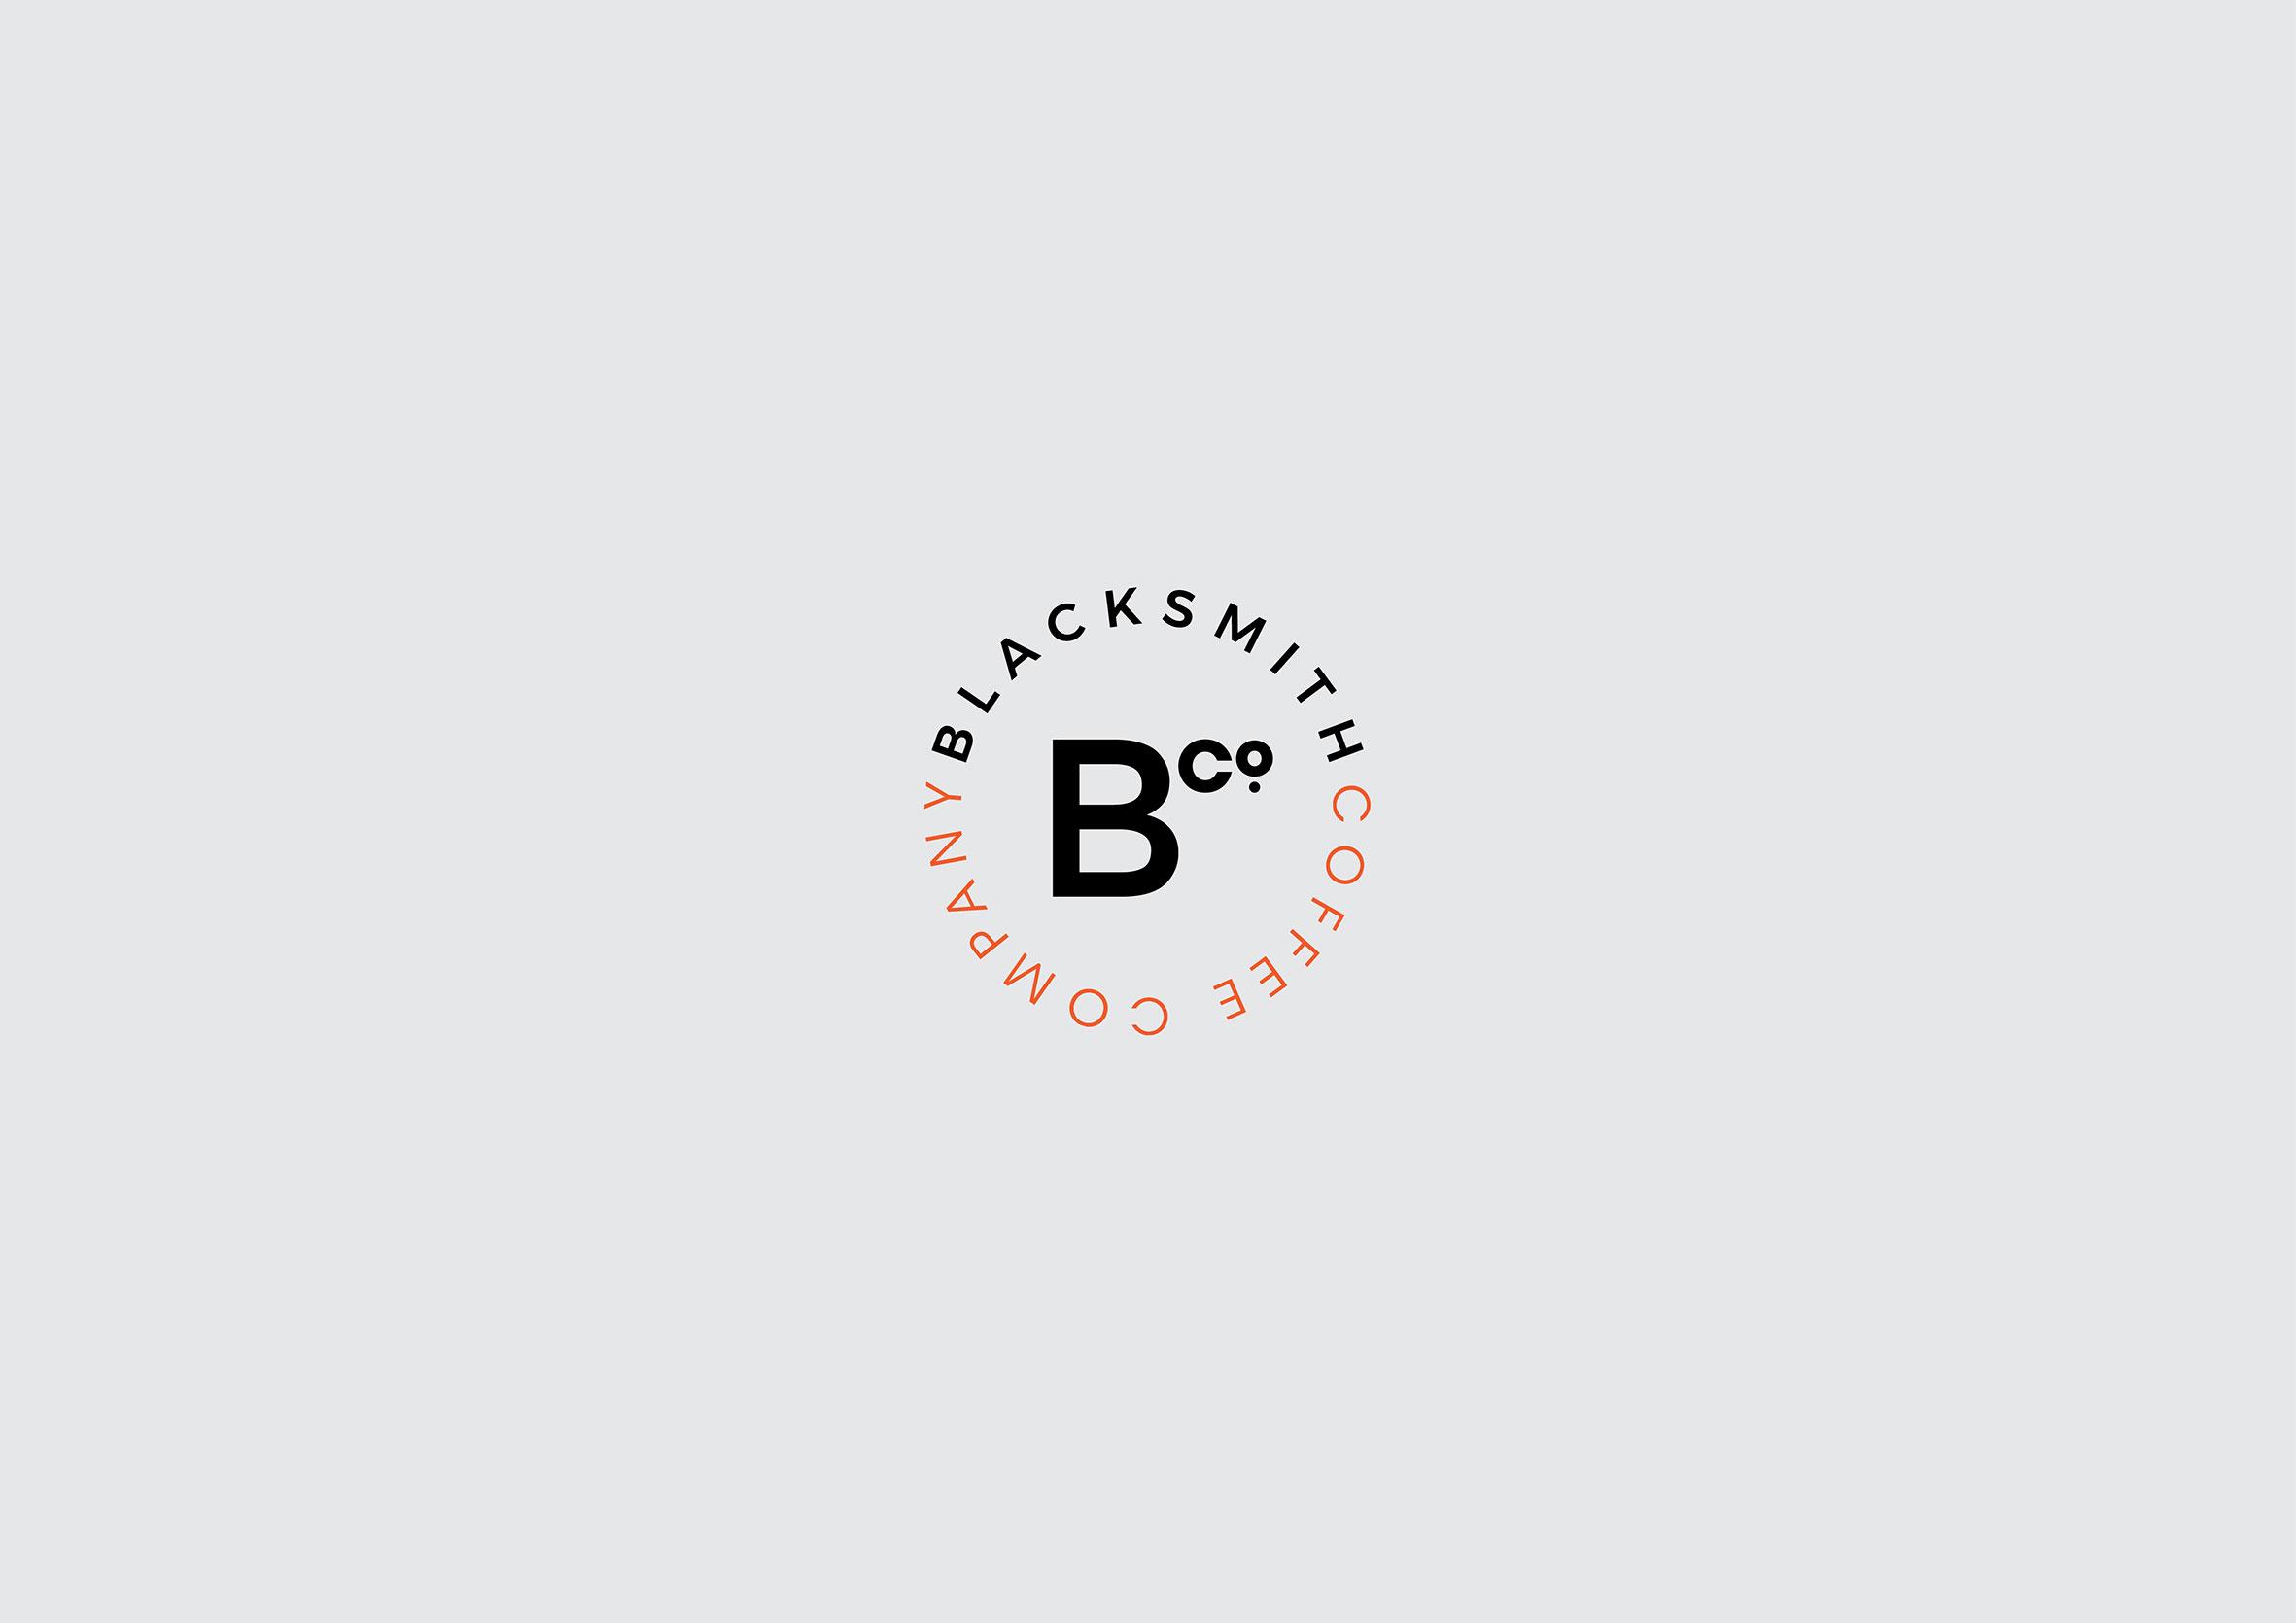 Blacksmith-identite-branding-logo-symbole.jpg